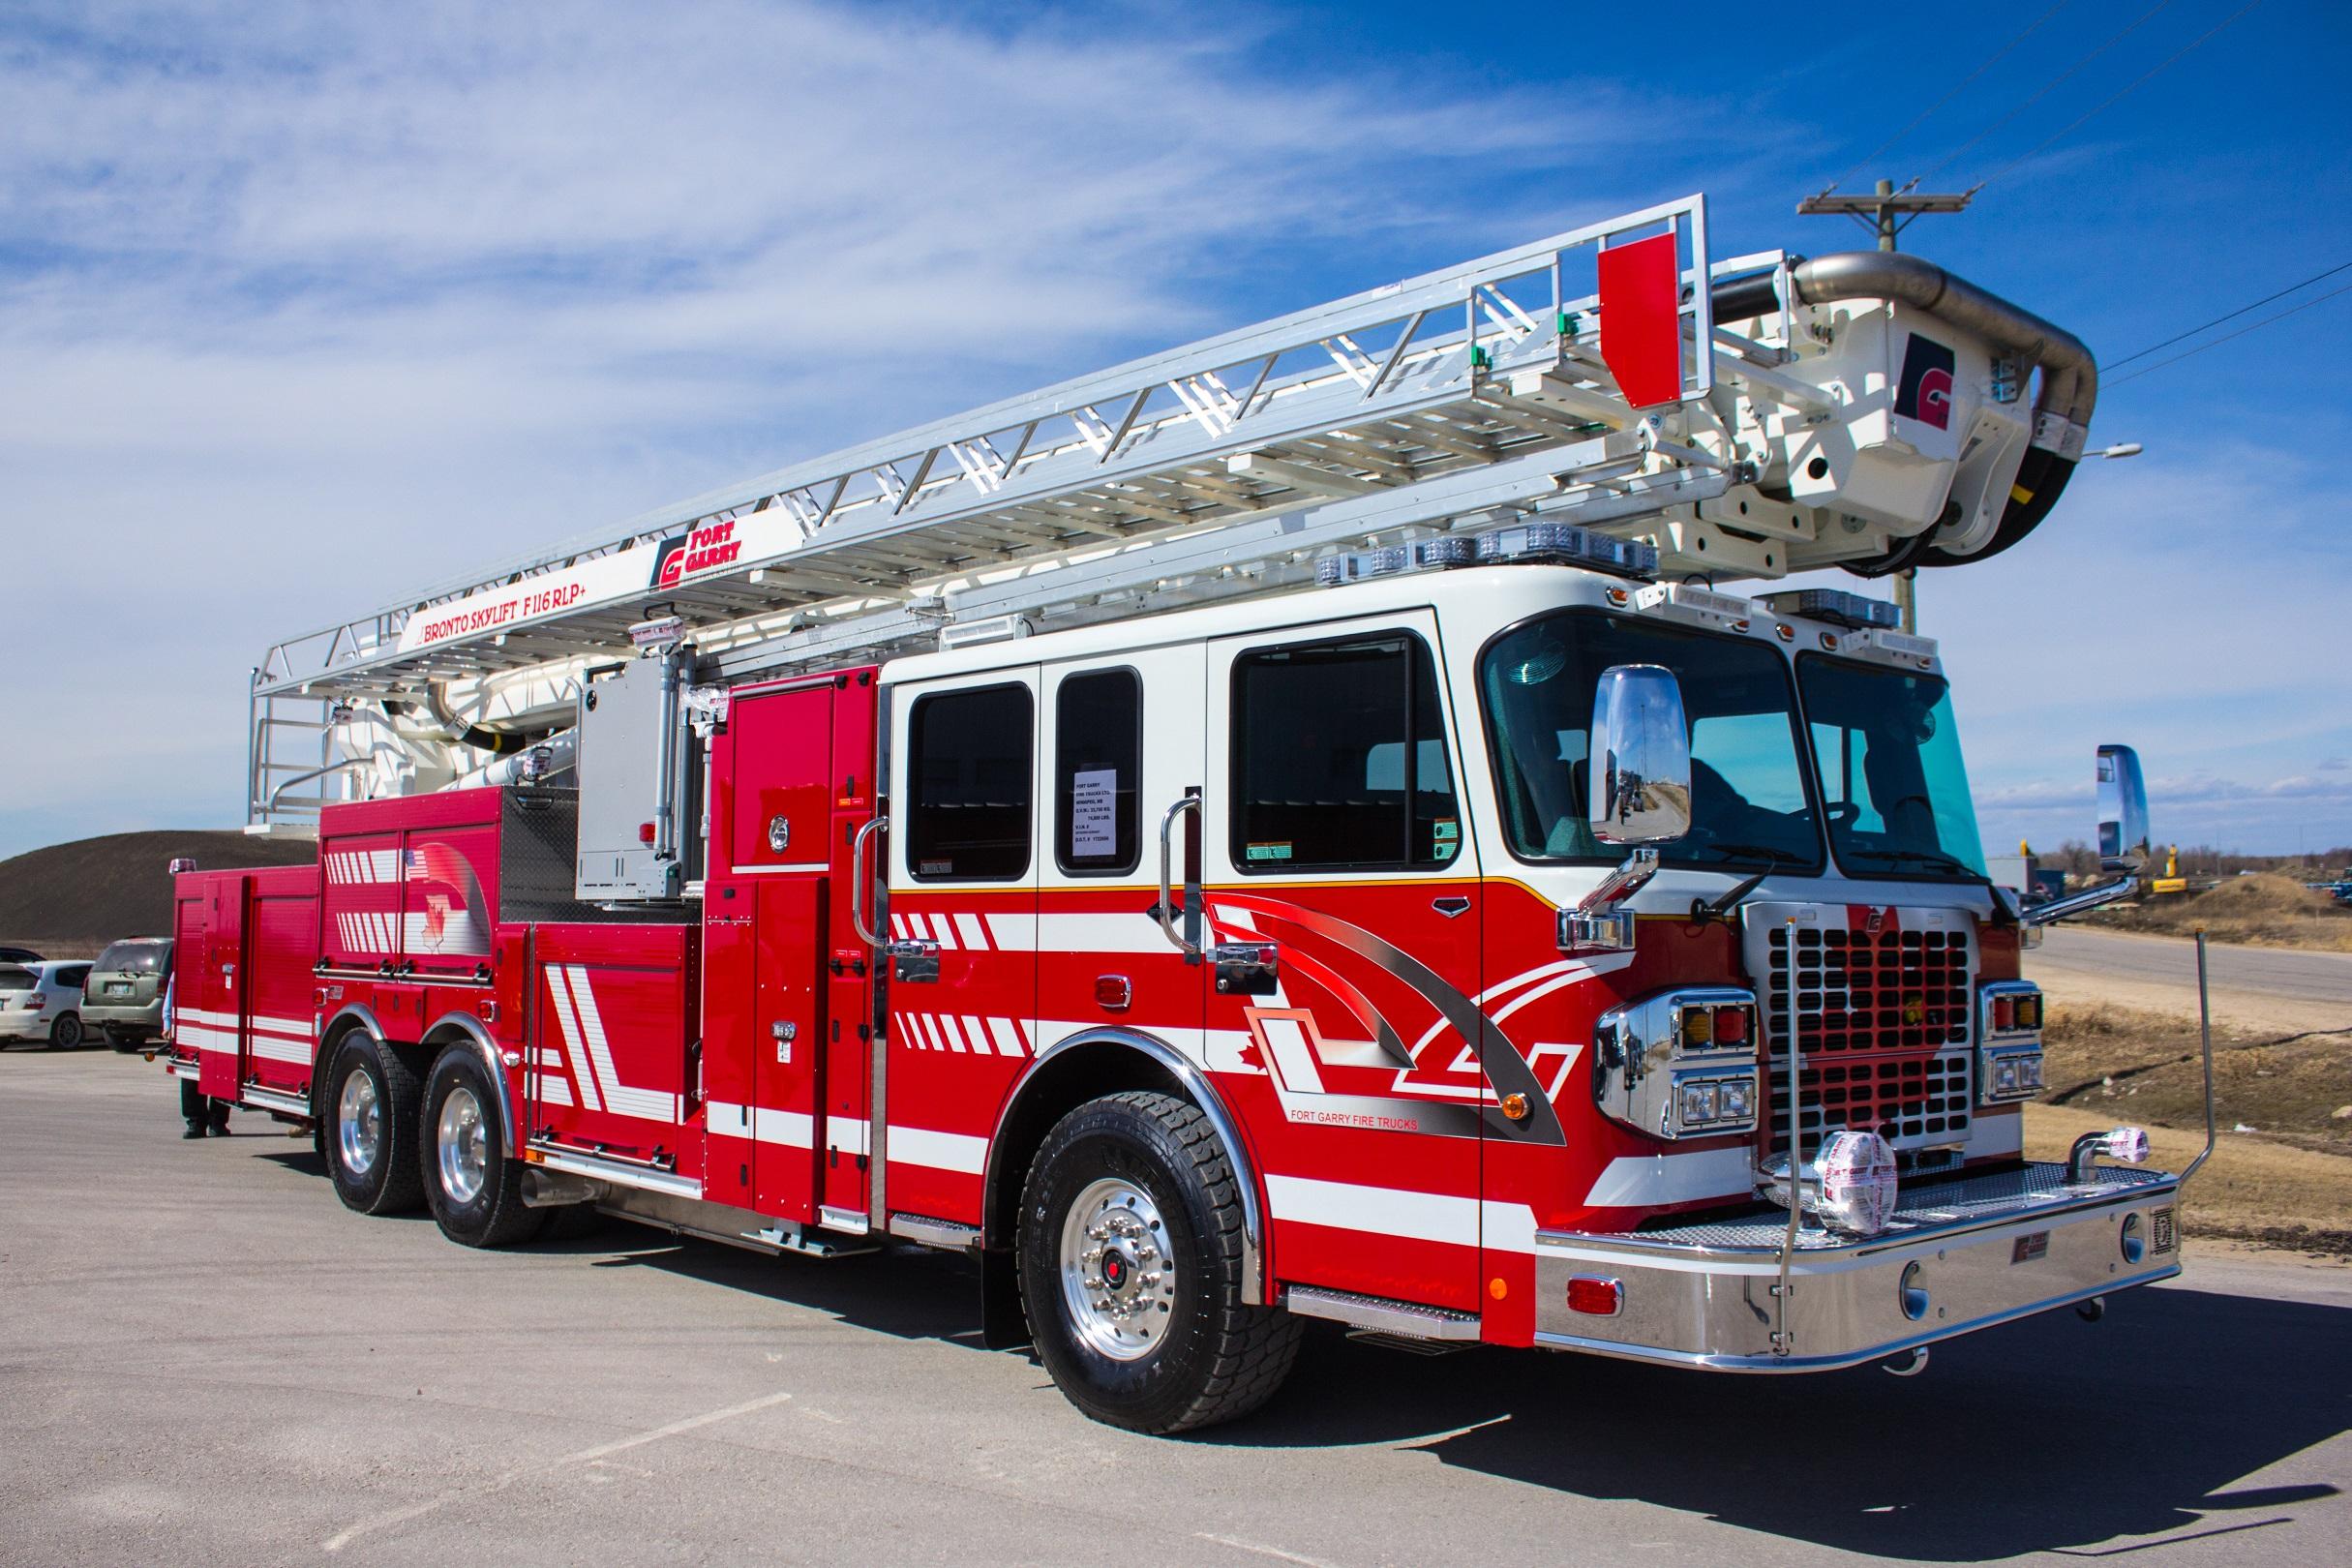 Bronto Skylift 116 Rlp Fort Garry Fire Trucks Fire